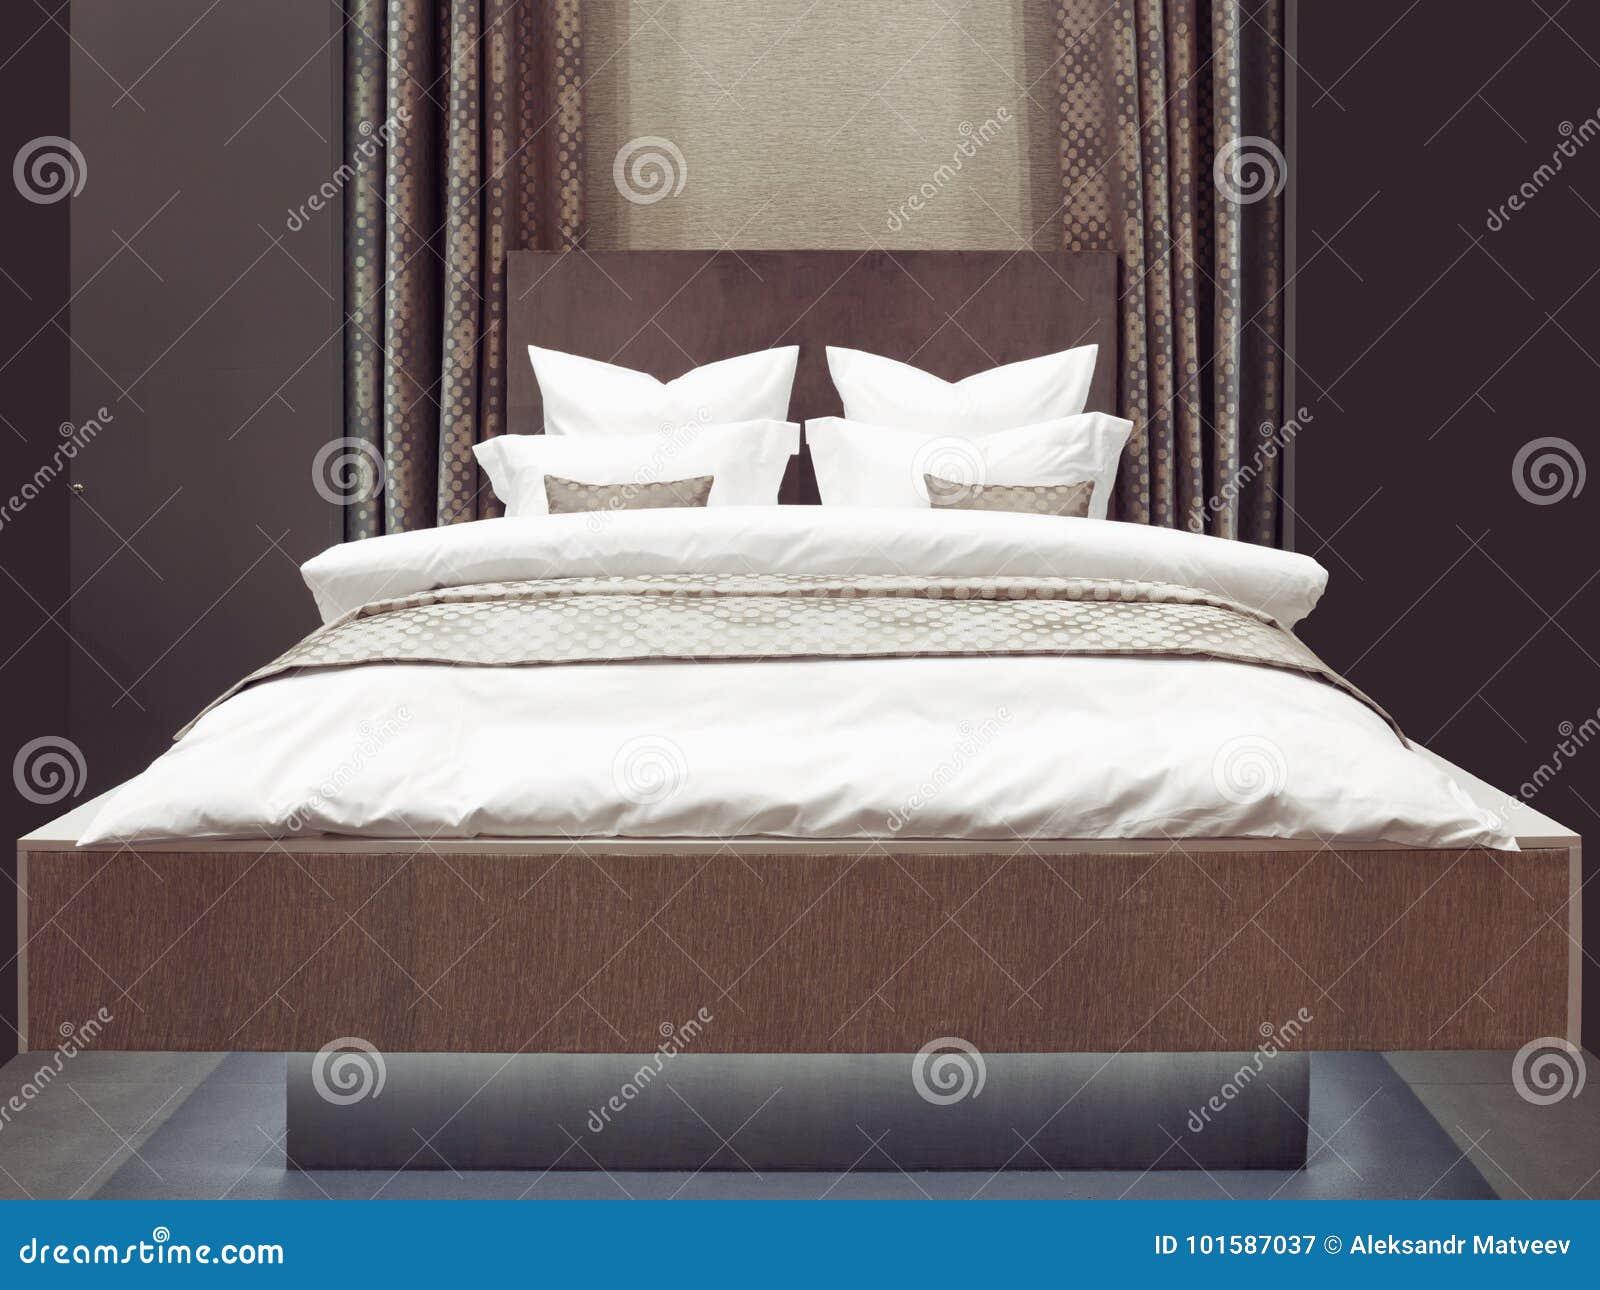 Slaapkamer van de luxe de moderne japanse stijl binnenlands van een